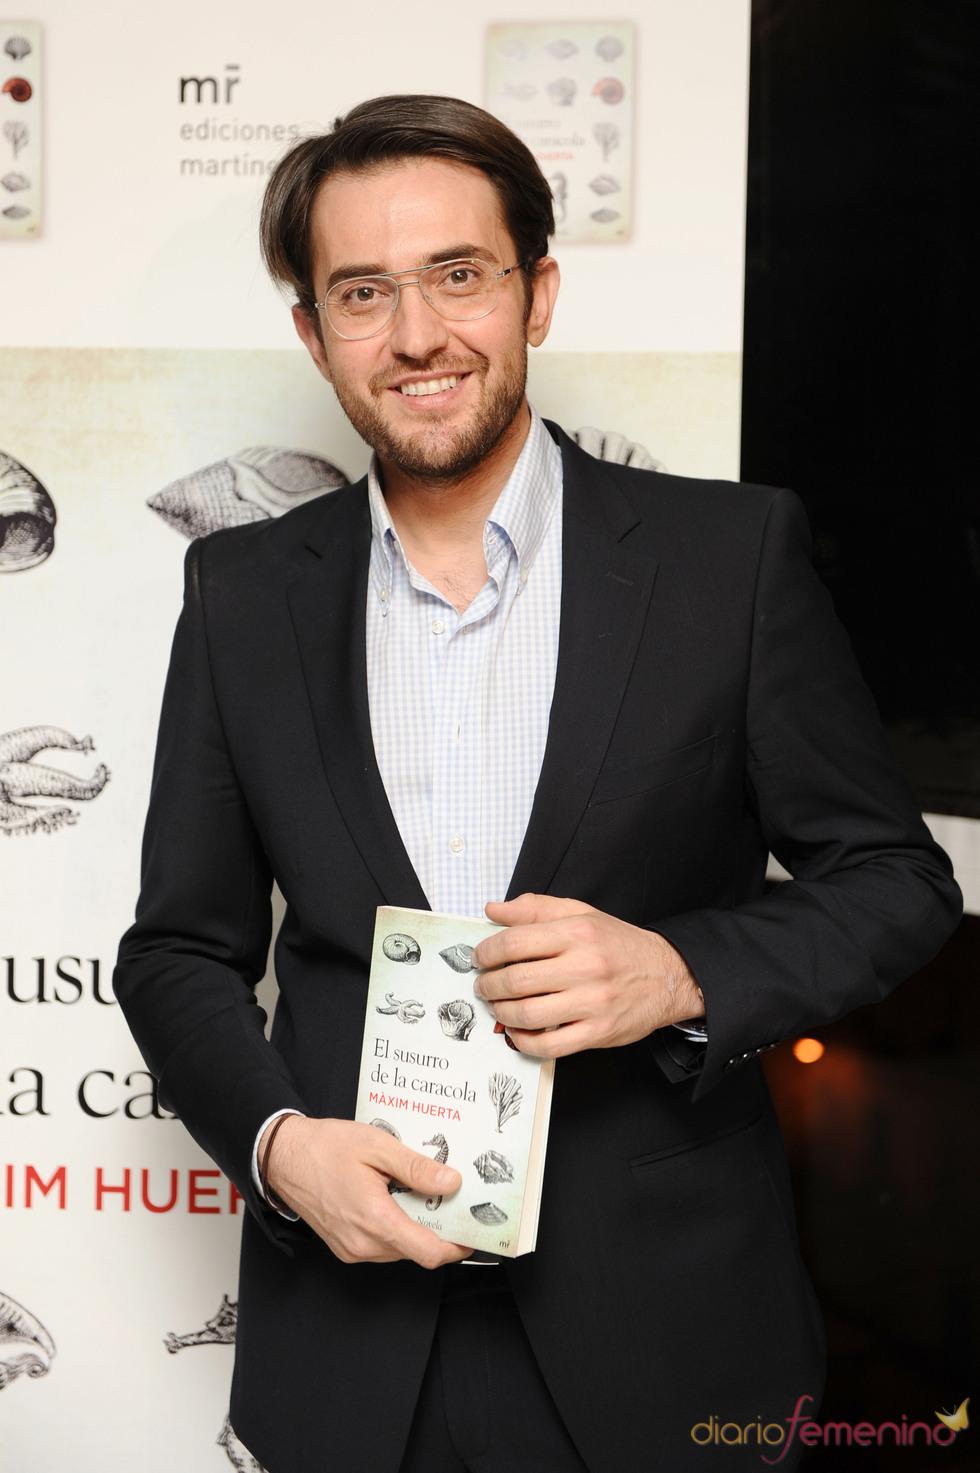 Maxim Huerta Libros Of M Xim Huerta Presenta Su Nuevo Libro